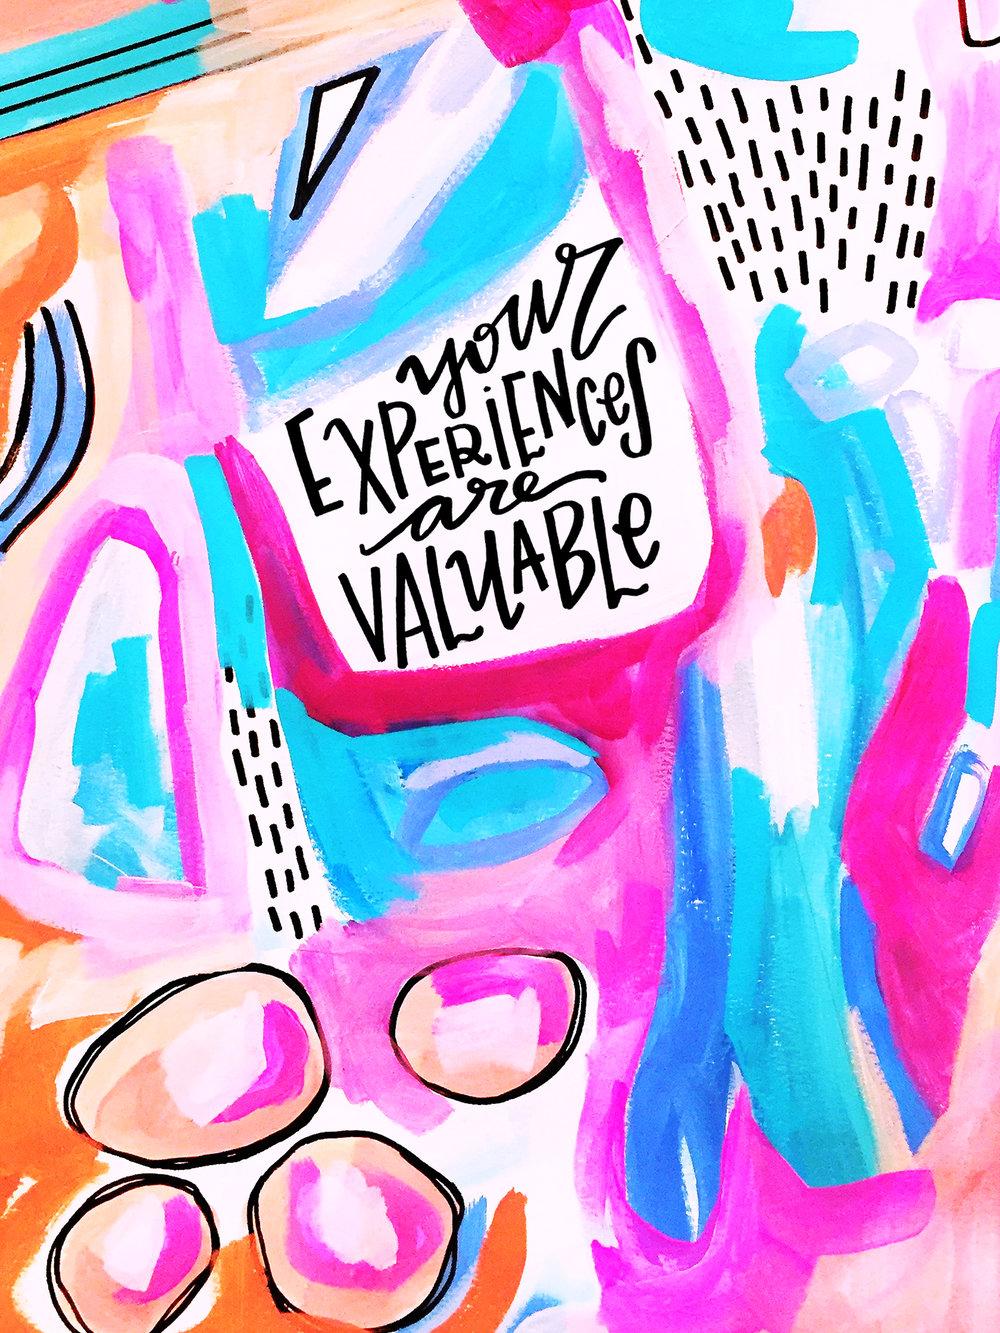 2/18/16: Experiences